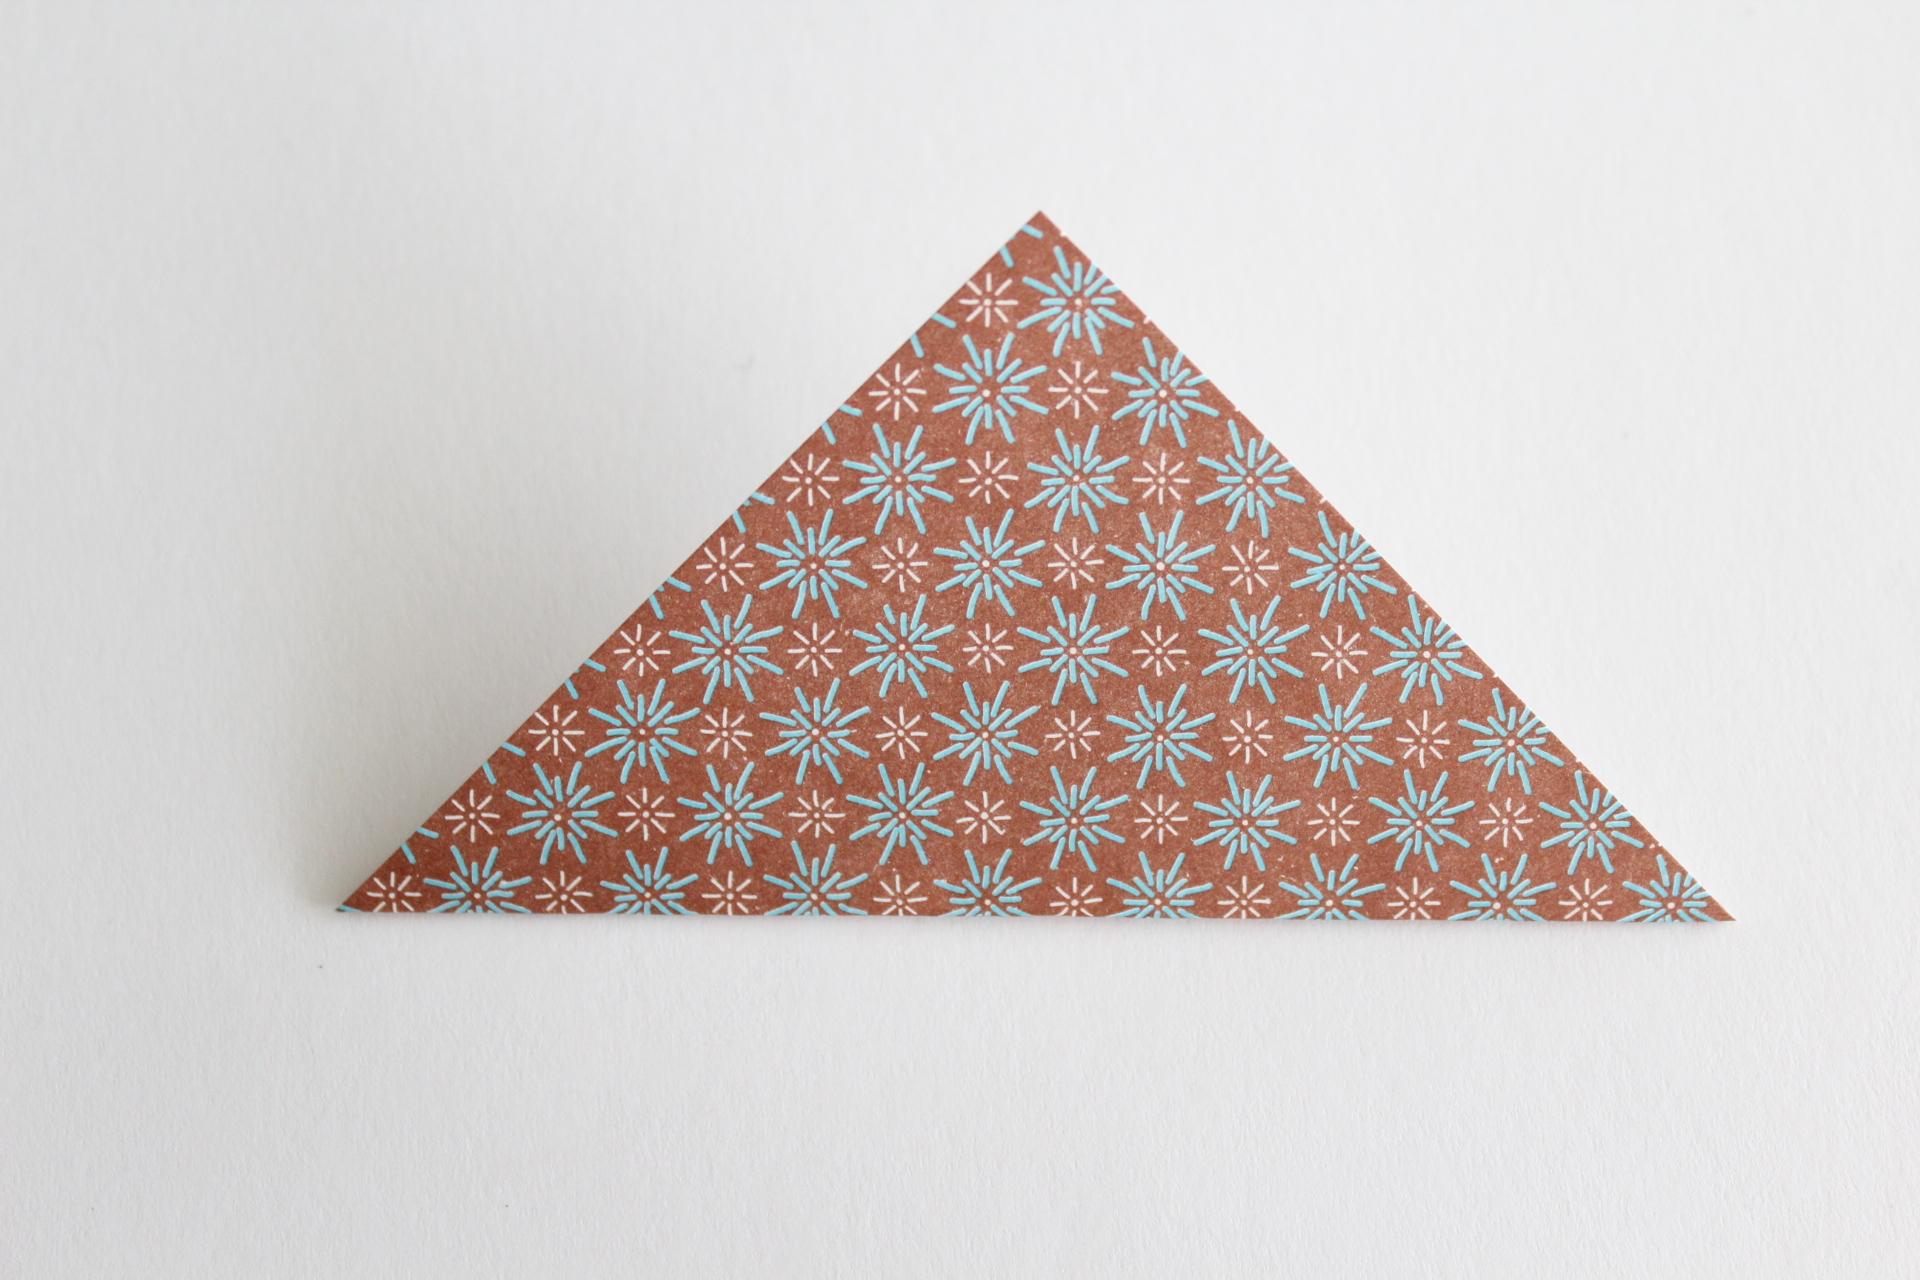 クリスマスツリーの折り方9